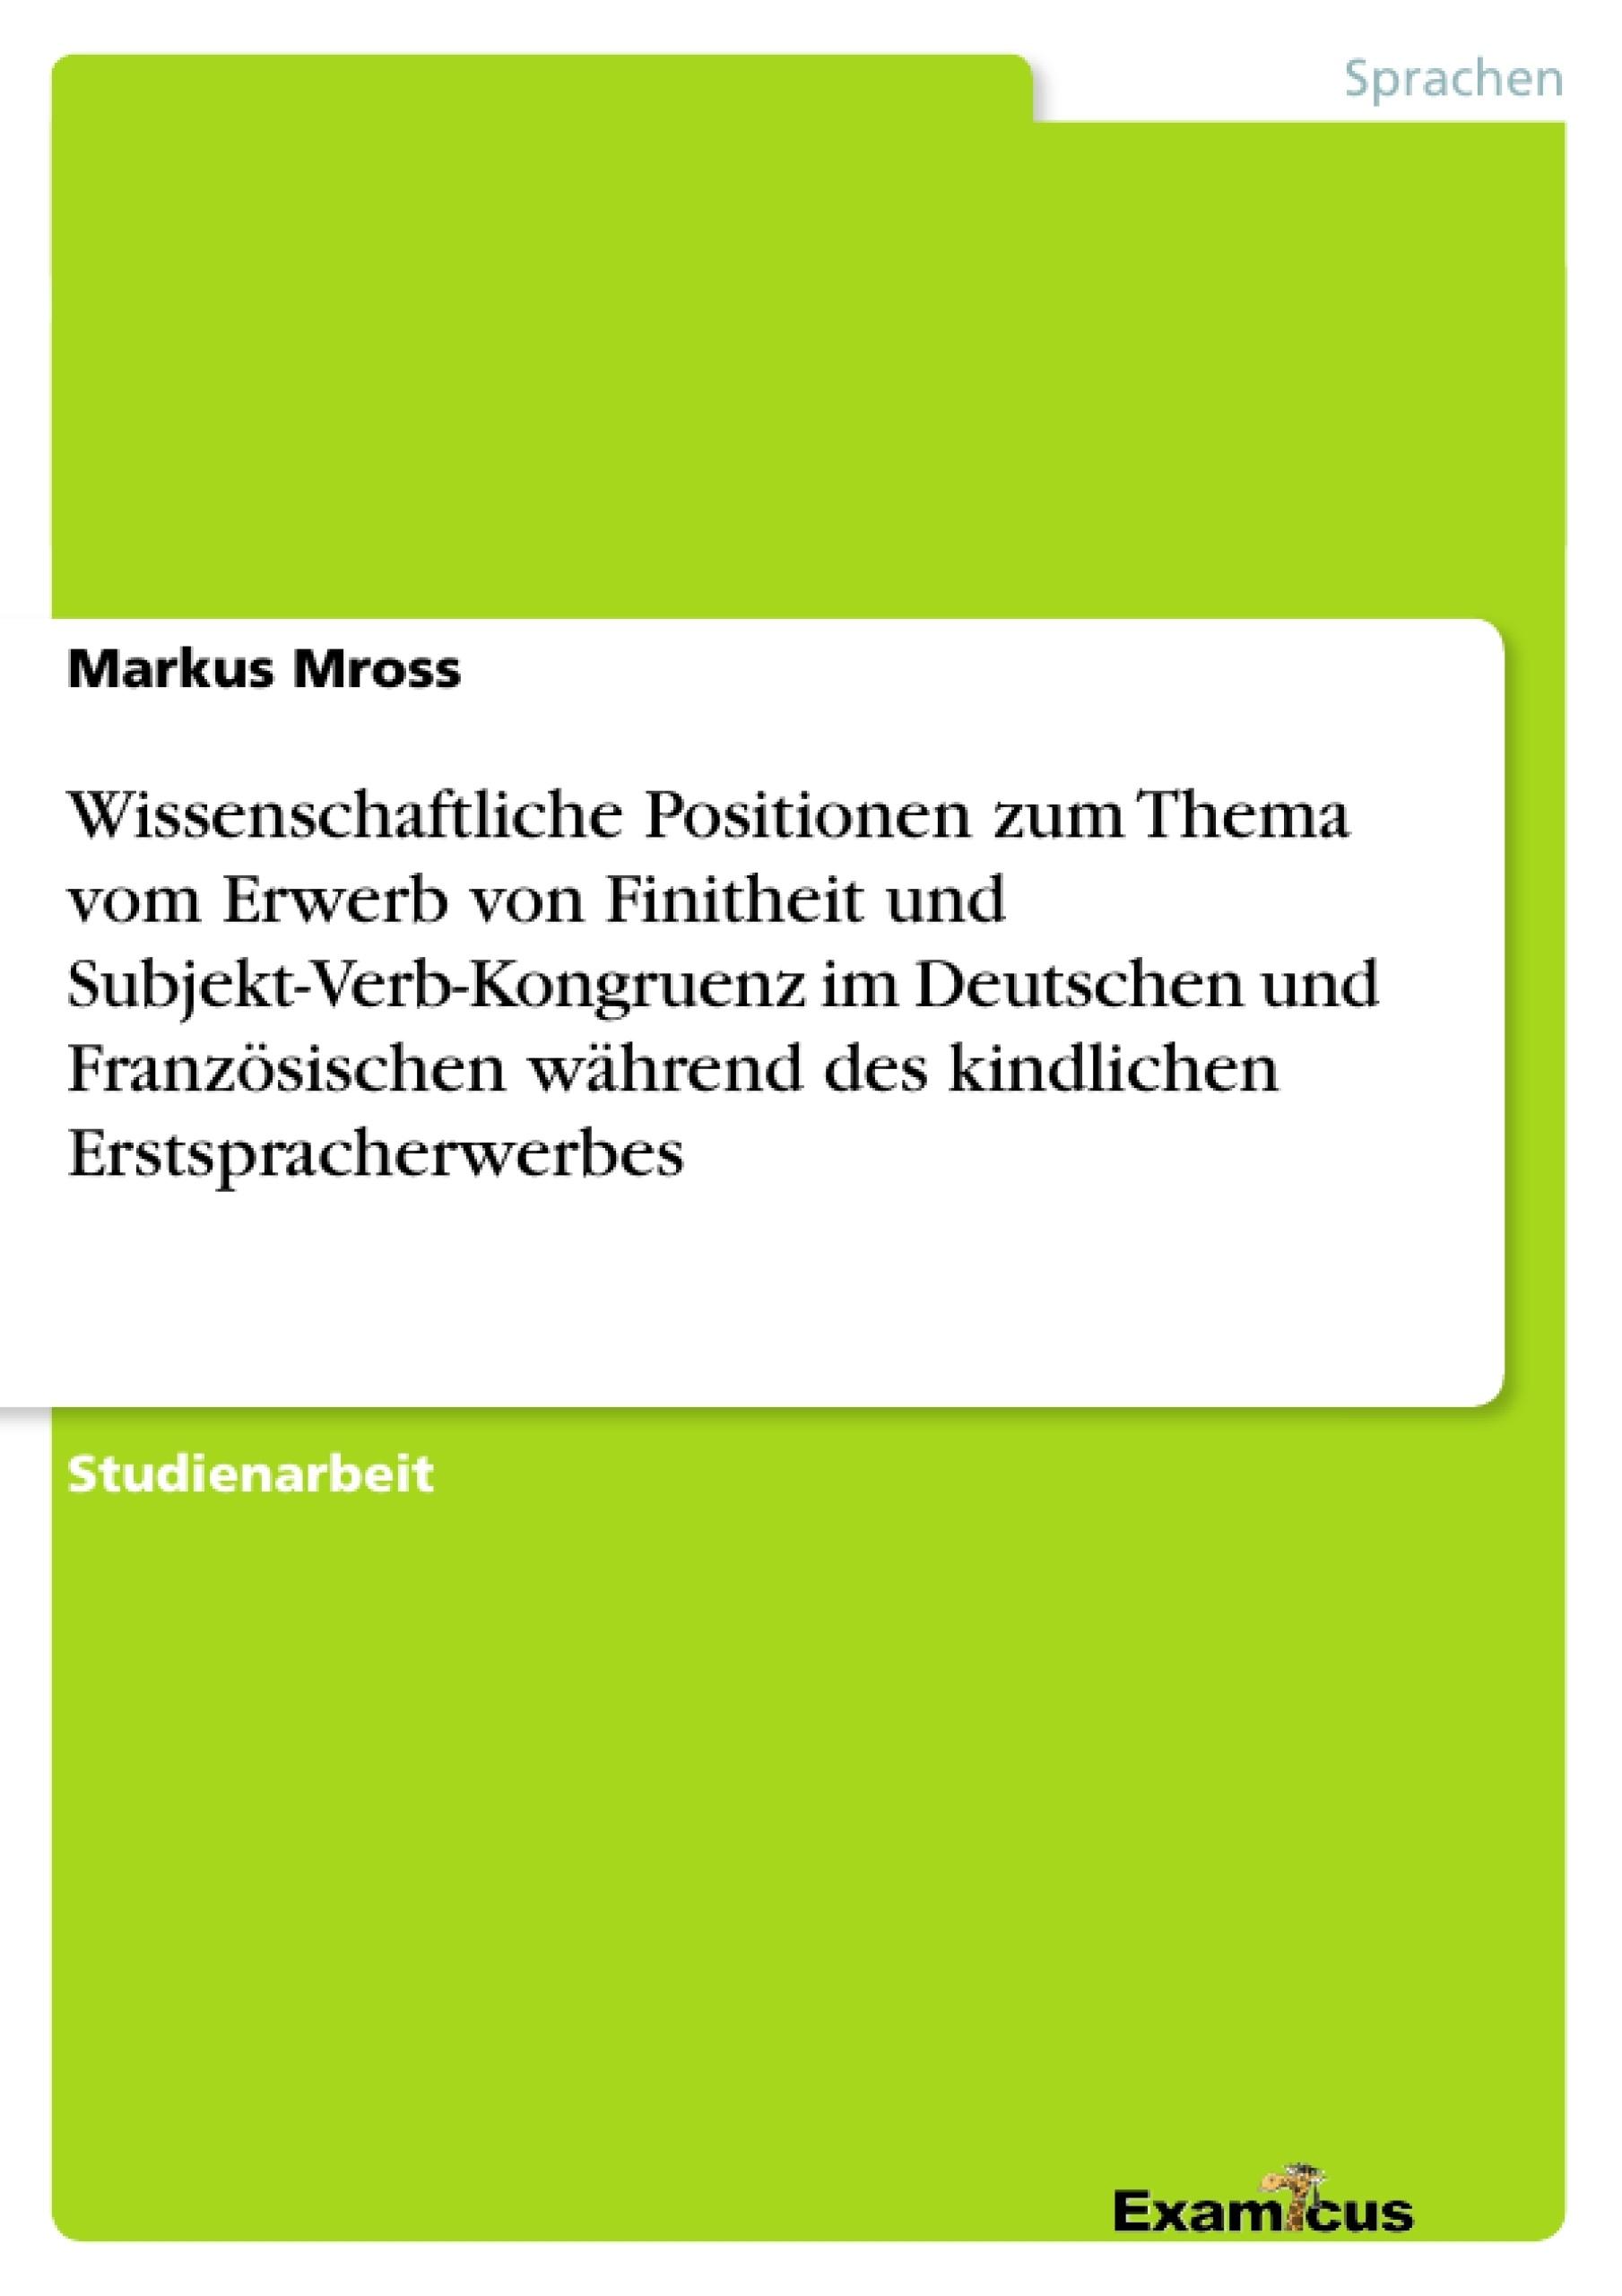 Titel: Wissenschaftliche Positionen zum Thema vom Erwerb von Finitheit und Subjekt-Verb-Kongruenz im Deutschen und Französischen während des kindlichen Erstspracherwerbes